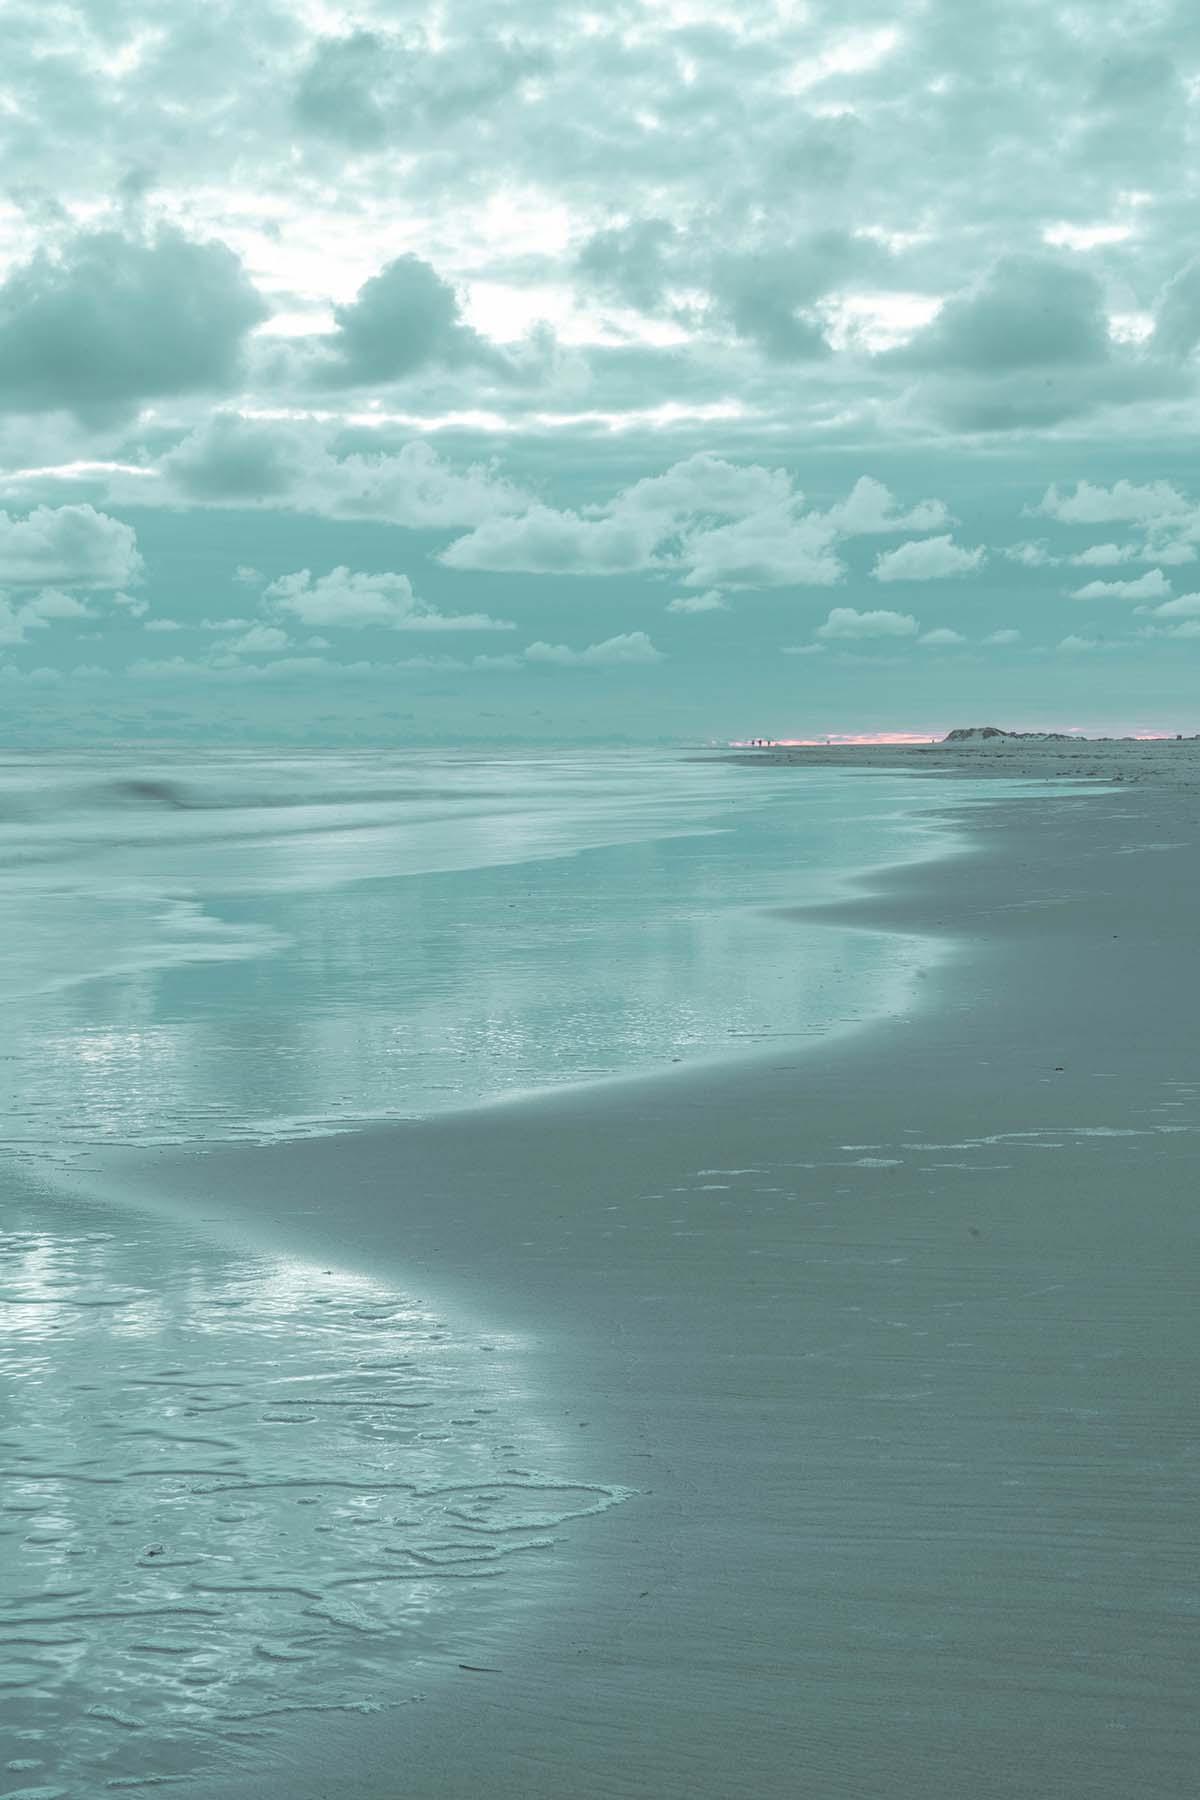 amrum-insel-urlaub-kniepsand-meer-wolken-01